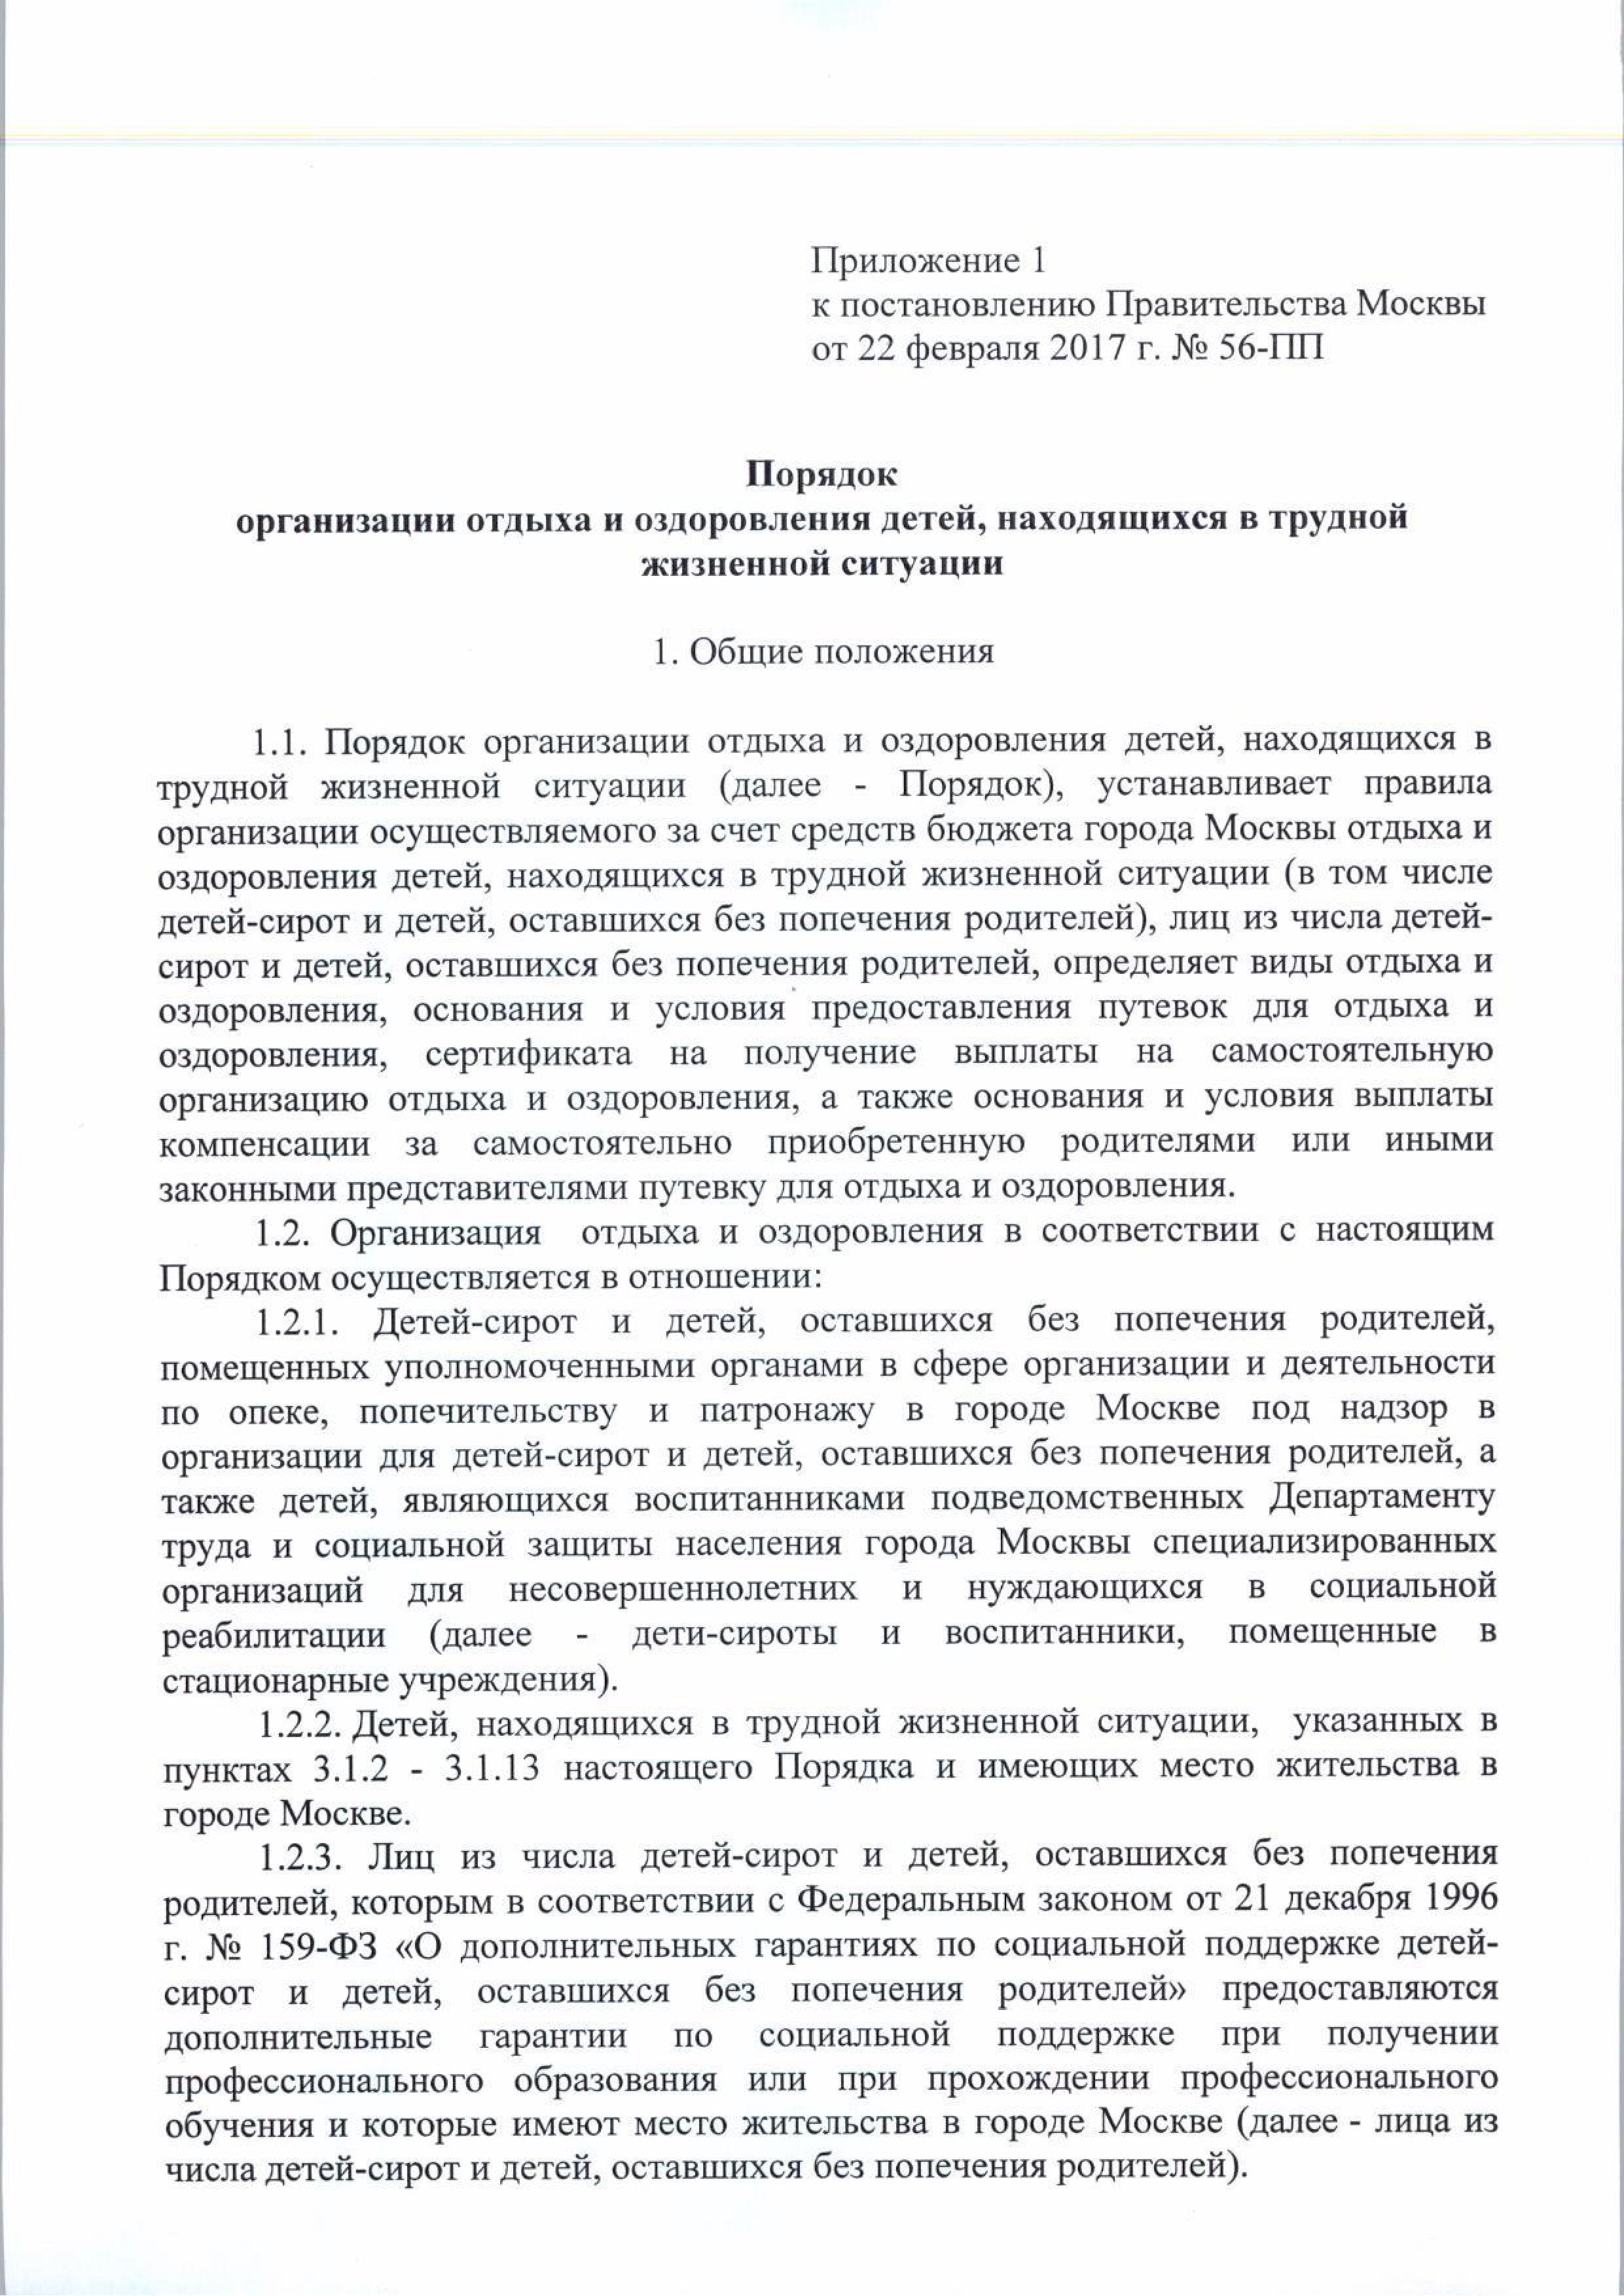 Сделать медицинскую книжку в Москве Алтуфьевский без прохождения врачей